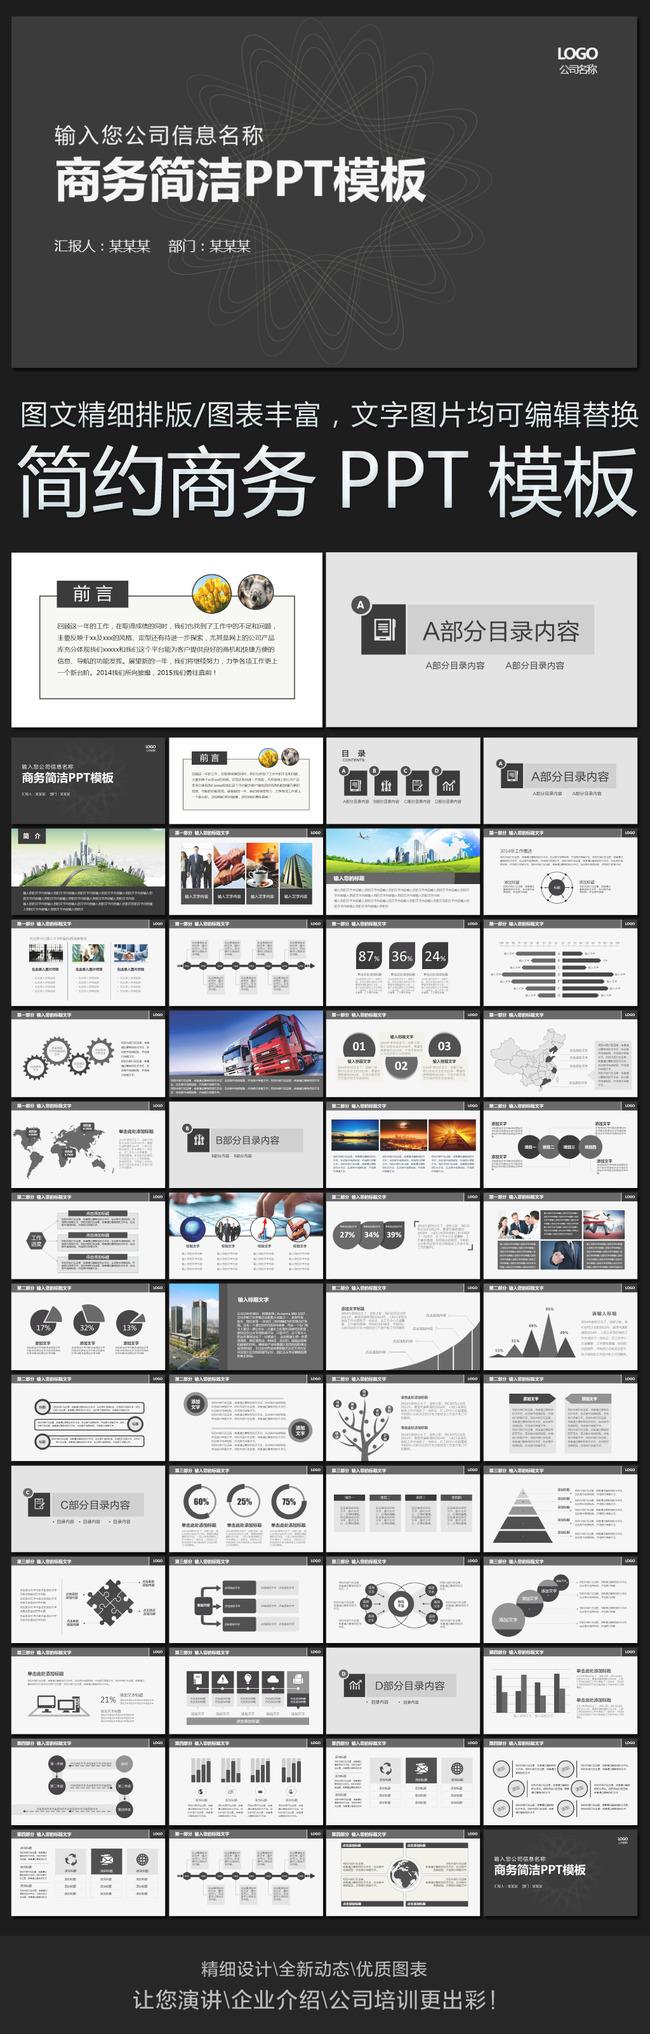 黑色欧美完整框架企业宣传简介发布ppt模板下载(图片